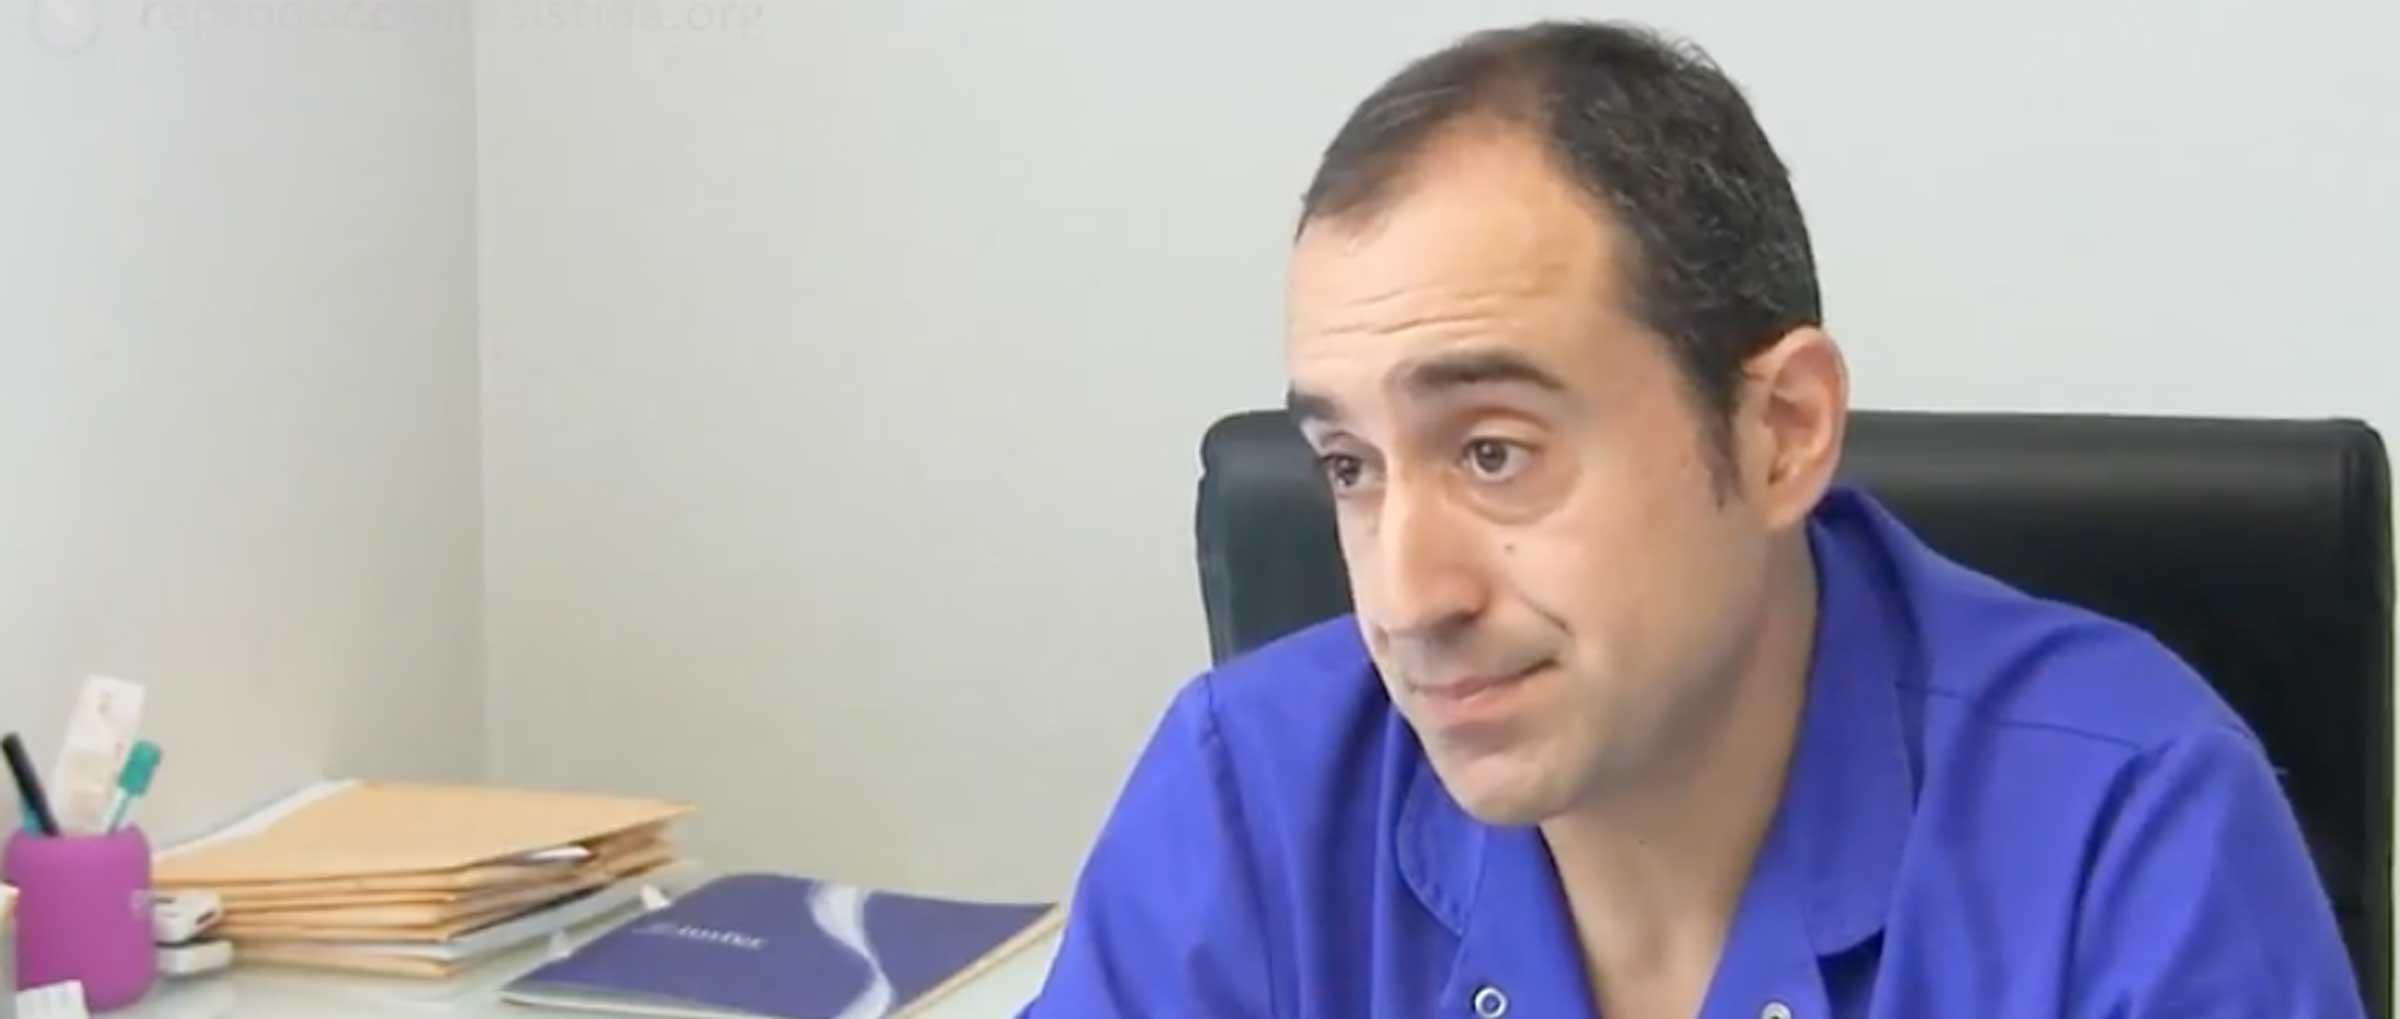 Dr José Sánchez